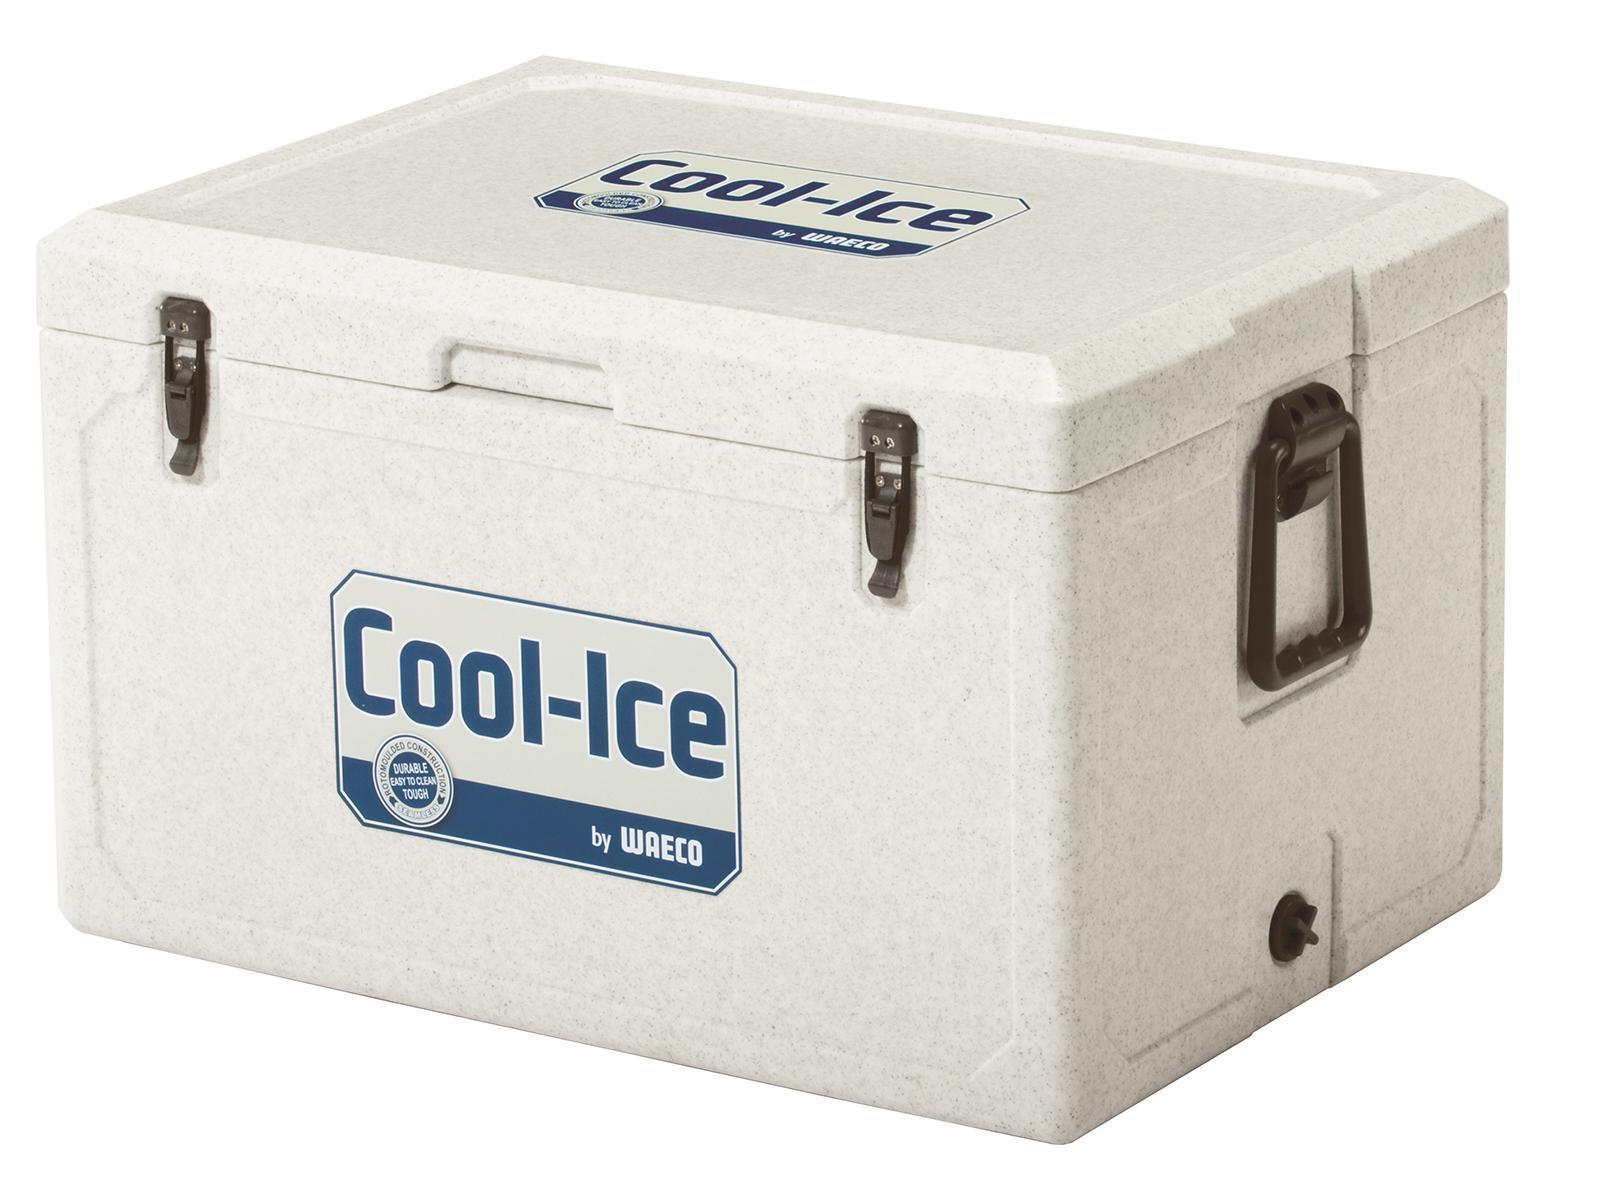 WAECO Cool-Ice WCI-70 изотермический контейнер, 68 лWCI-70Высокая температура окружающей среды, неровные поверхности, грязь и сильные вибрации? С этим легко справятся новый непобедимый термоконтейнер для льда WAECO Cool-Ice WCI-70. Оснащенный чрезвычайно эффективной и прочной изоляцией, он может продержать ваши продукты в холодном виде до 10 дней Все детали бесшовного термоконтейнера WAECO Cool-Ice WCI-70 сделаны из ударопрочного пластика , который можно использовать в самых экстремальных условиях